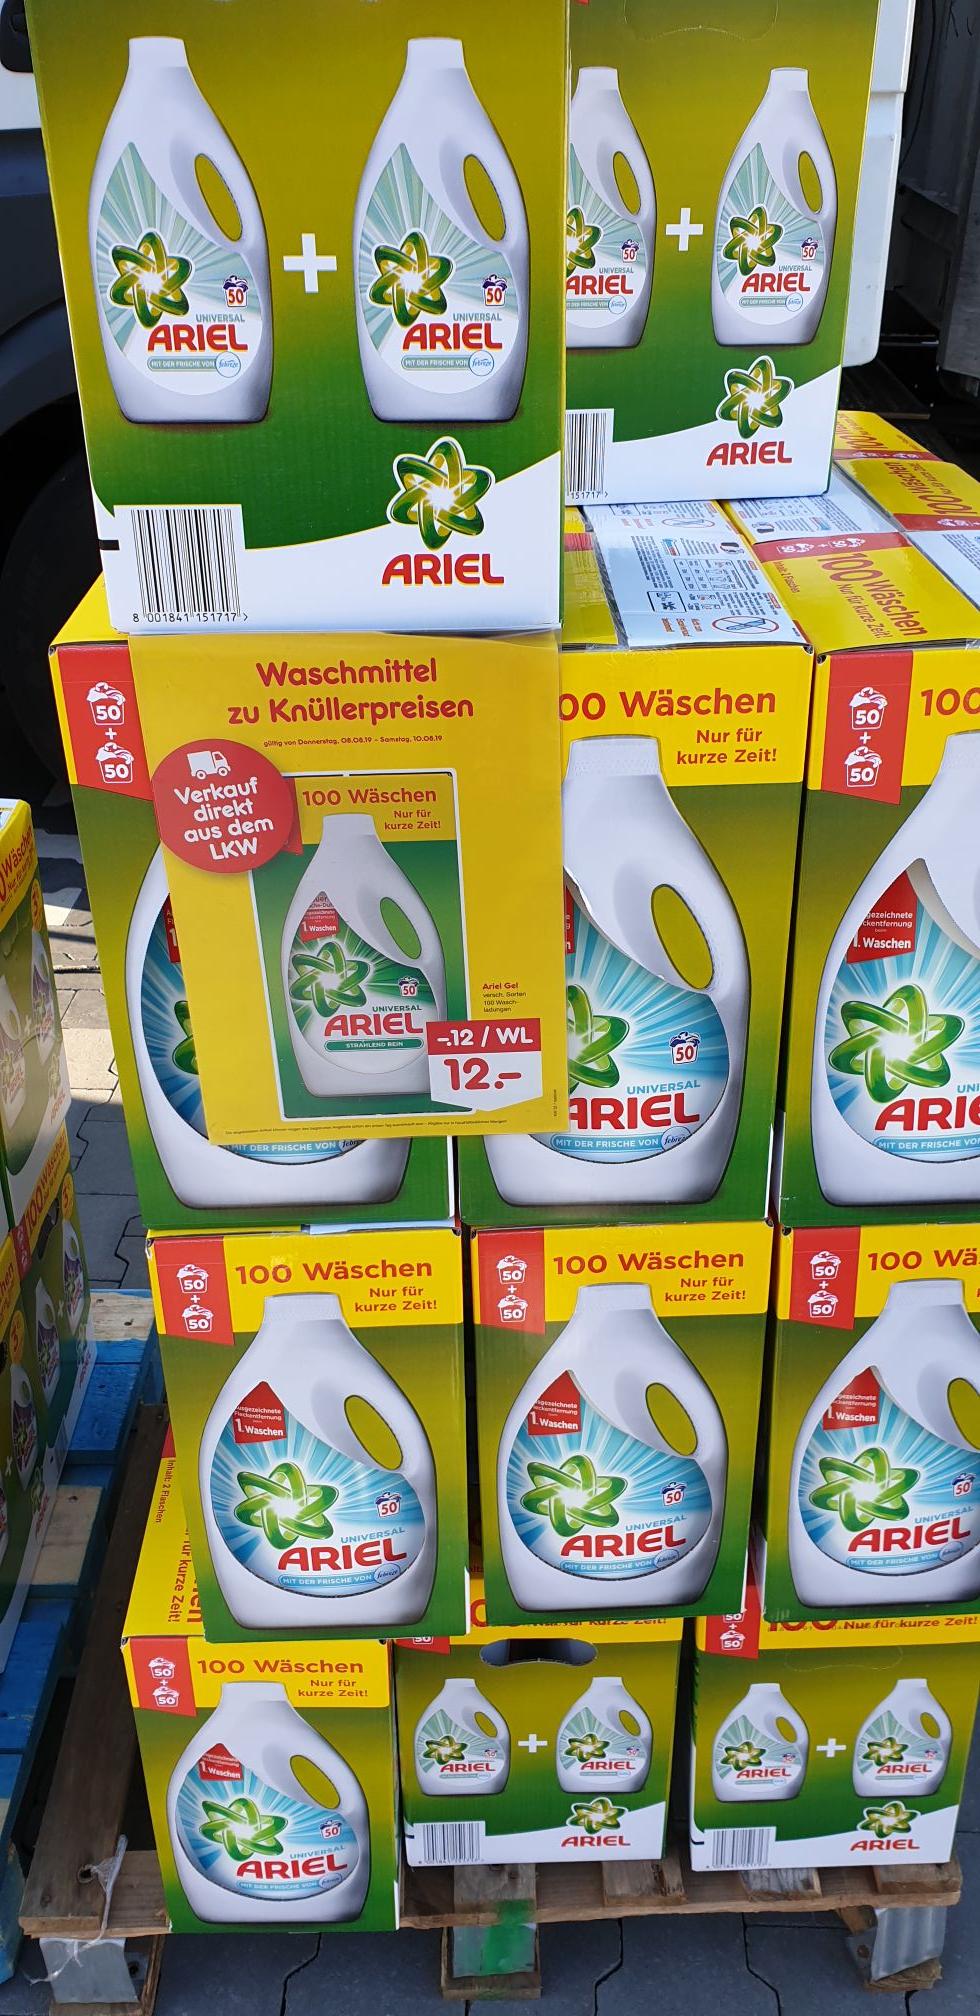 Ariel & Lenor Waschmittel verschiedene Sorten,Pods &Pulver & Flüssig, 100 Wäschen (lokal Mönchengladbach)